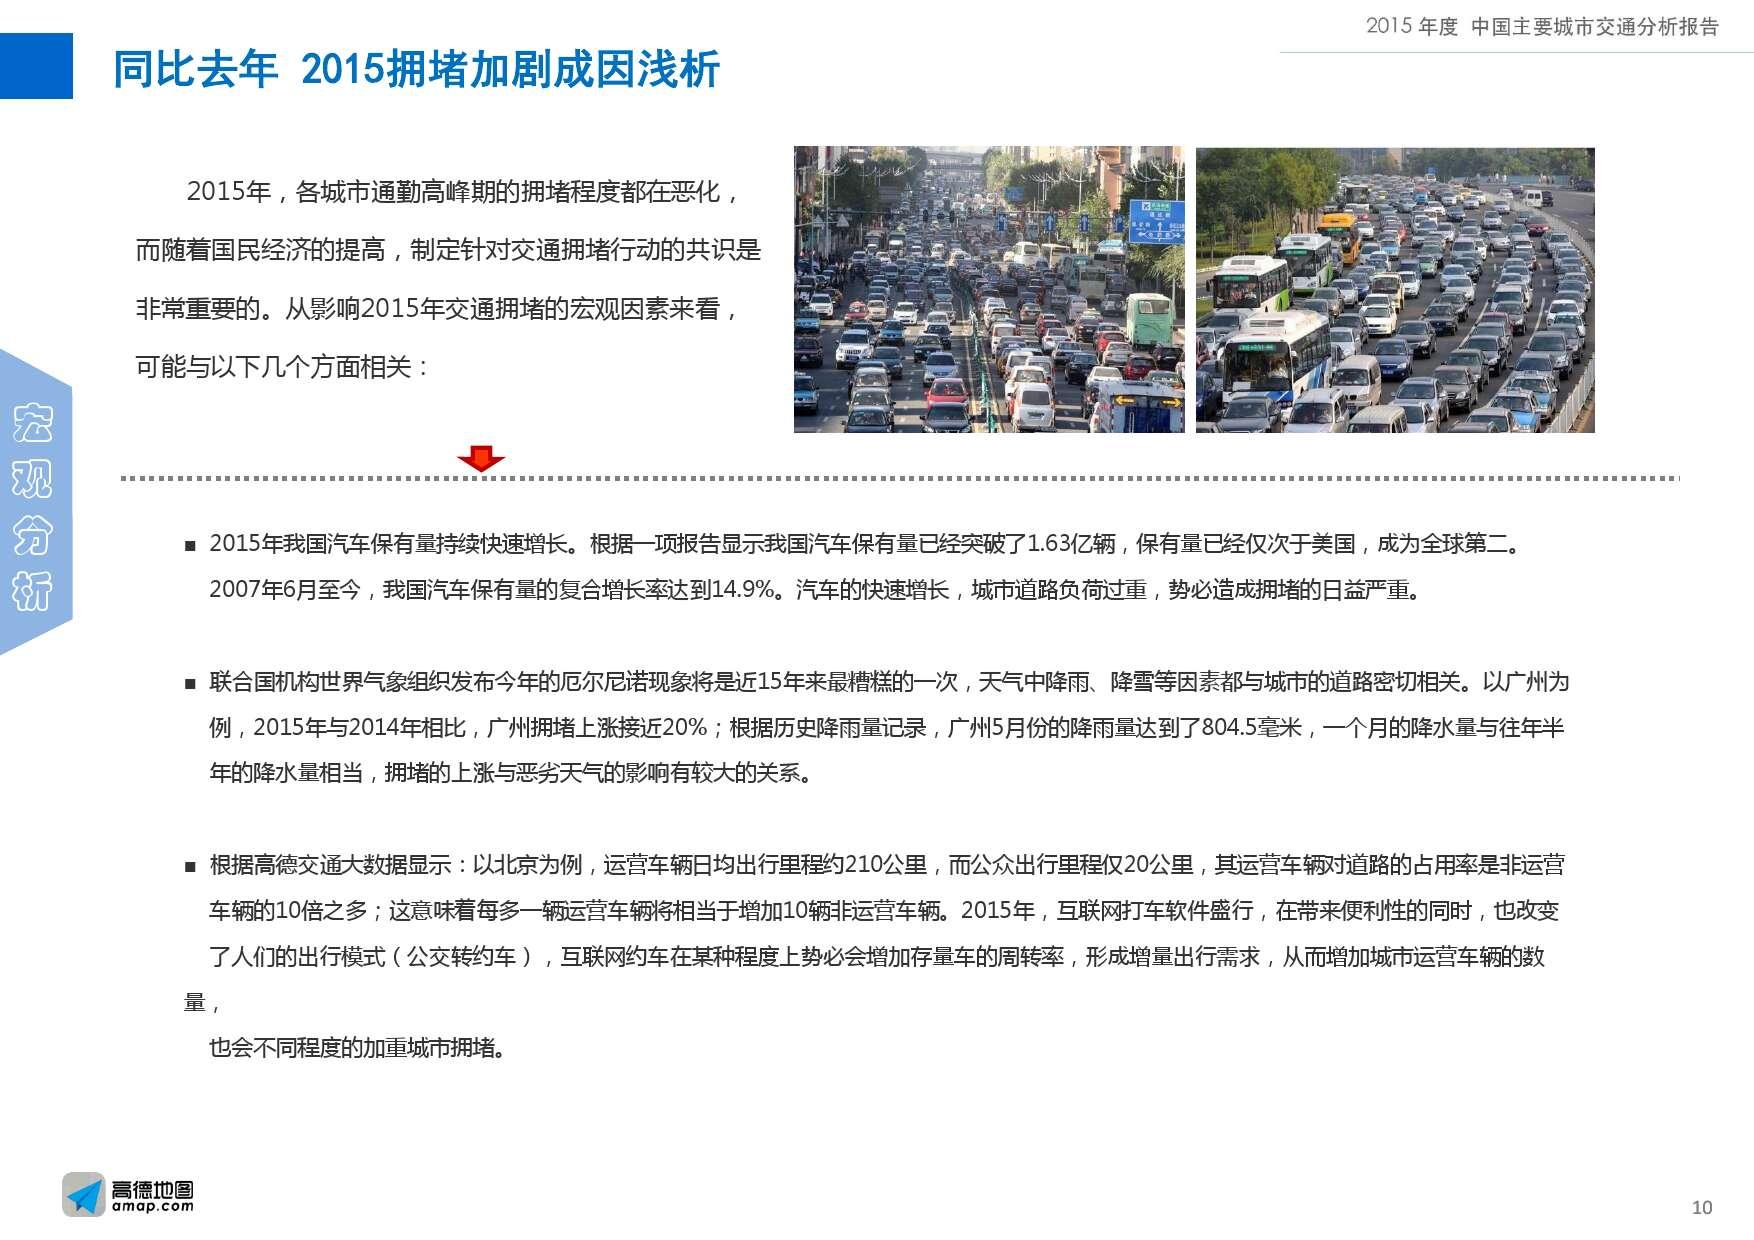 2015年度中国主要城市交通分析报告-final_000010